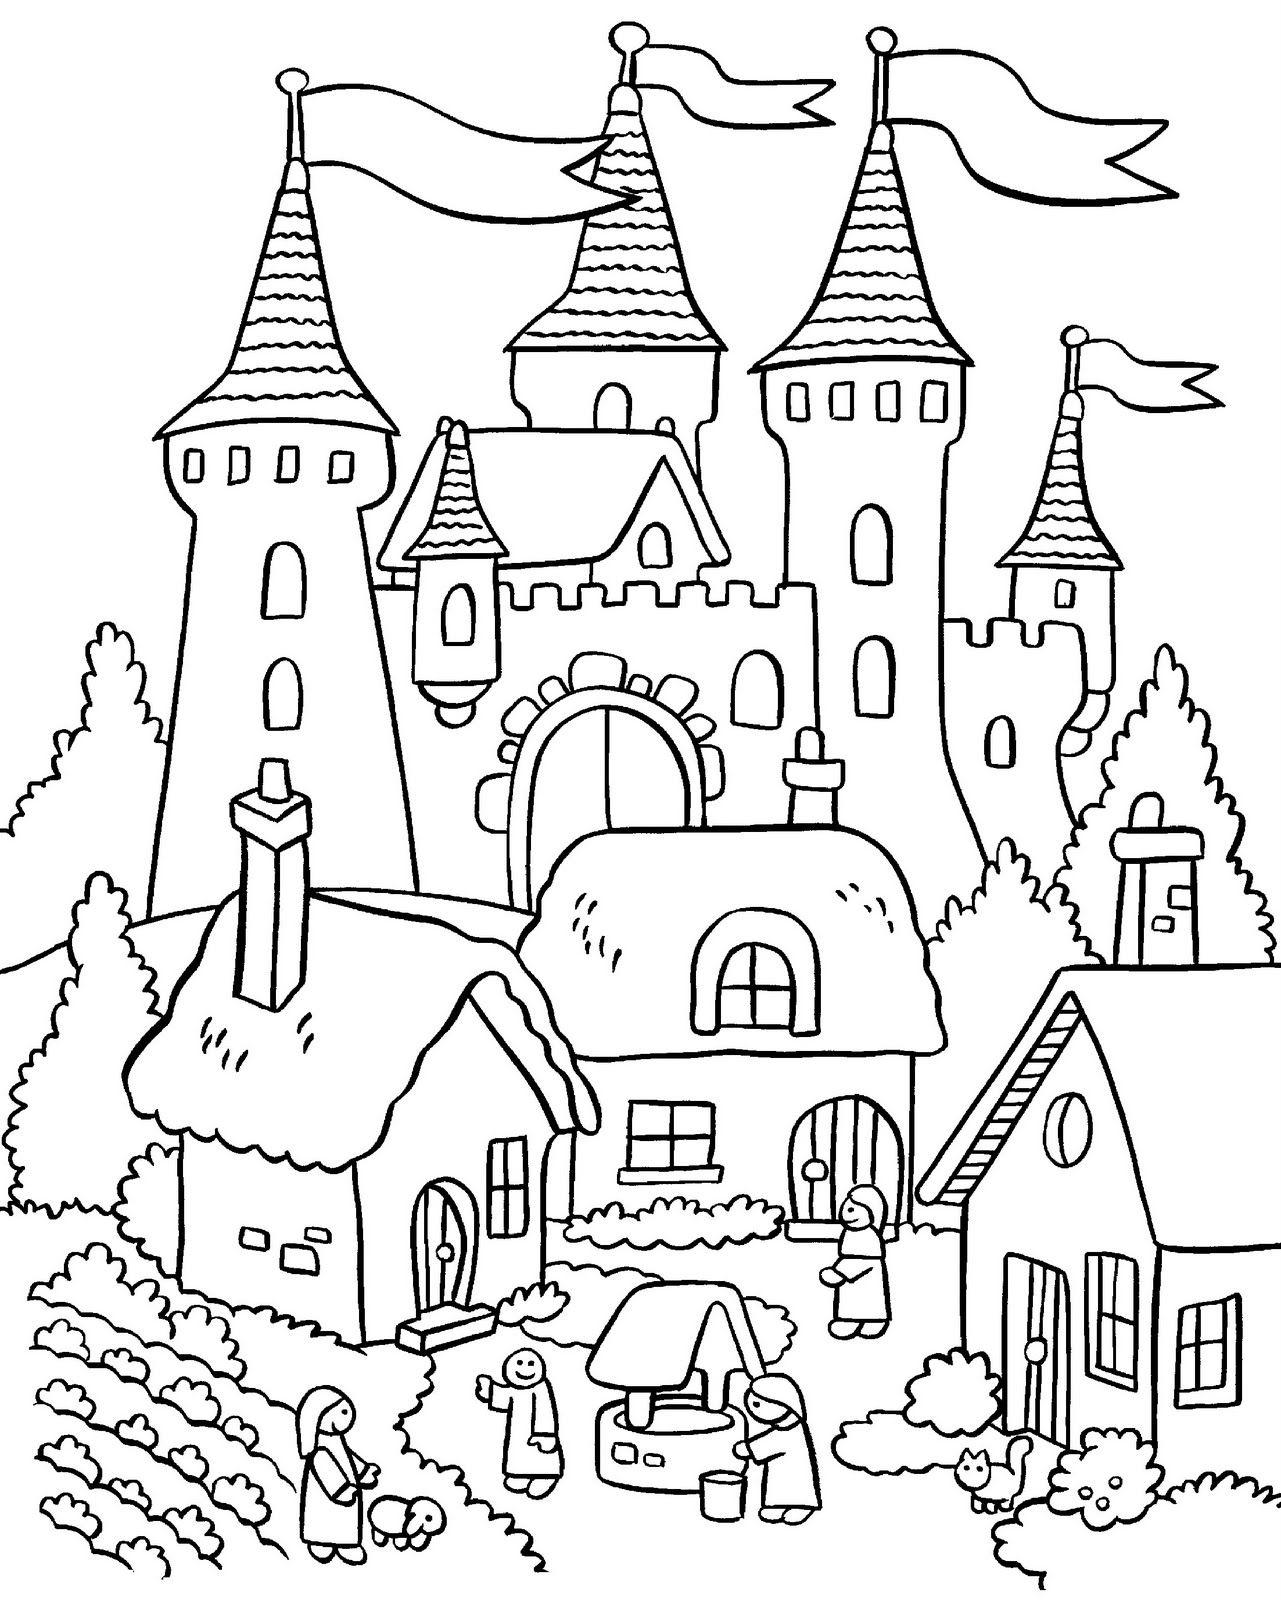 My Little House Coloring Prinses Kleurplaatjes Boek Bladzijden Kleuren Kleurplaten Voor Volwassenen